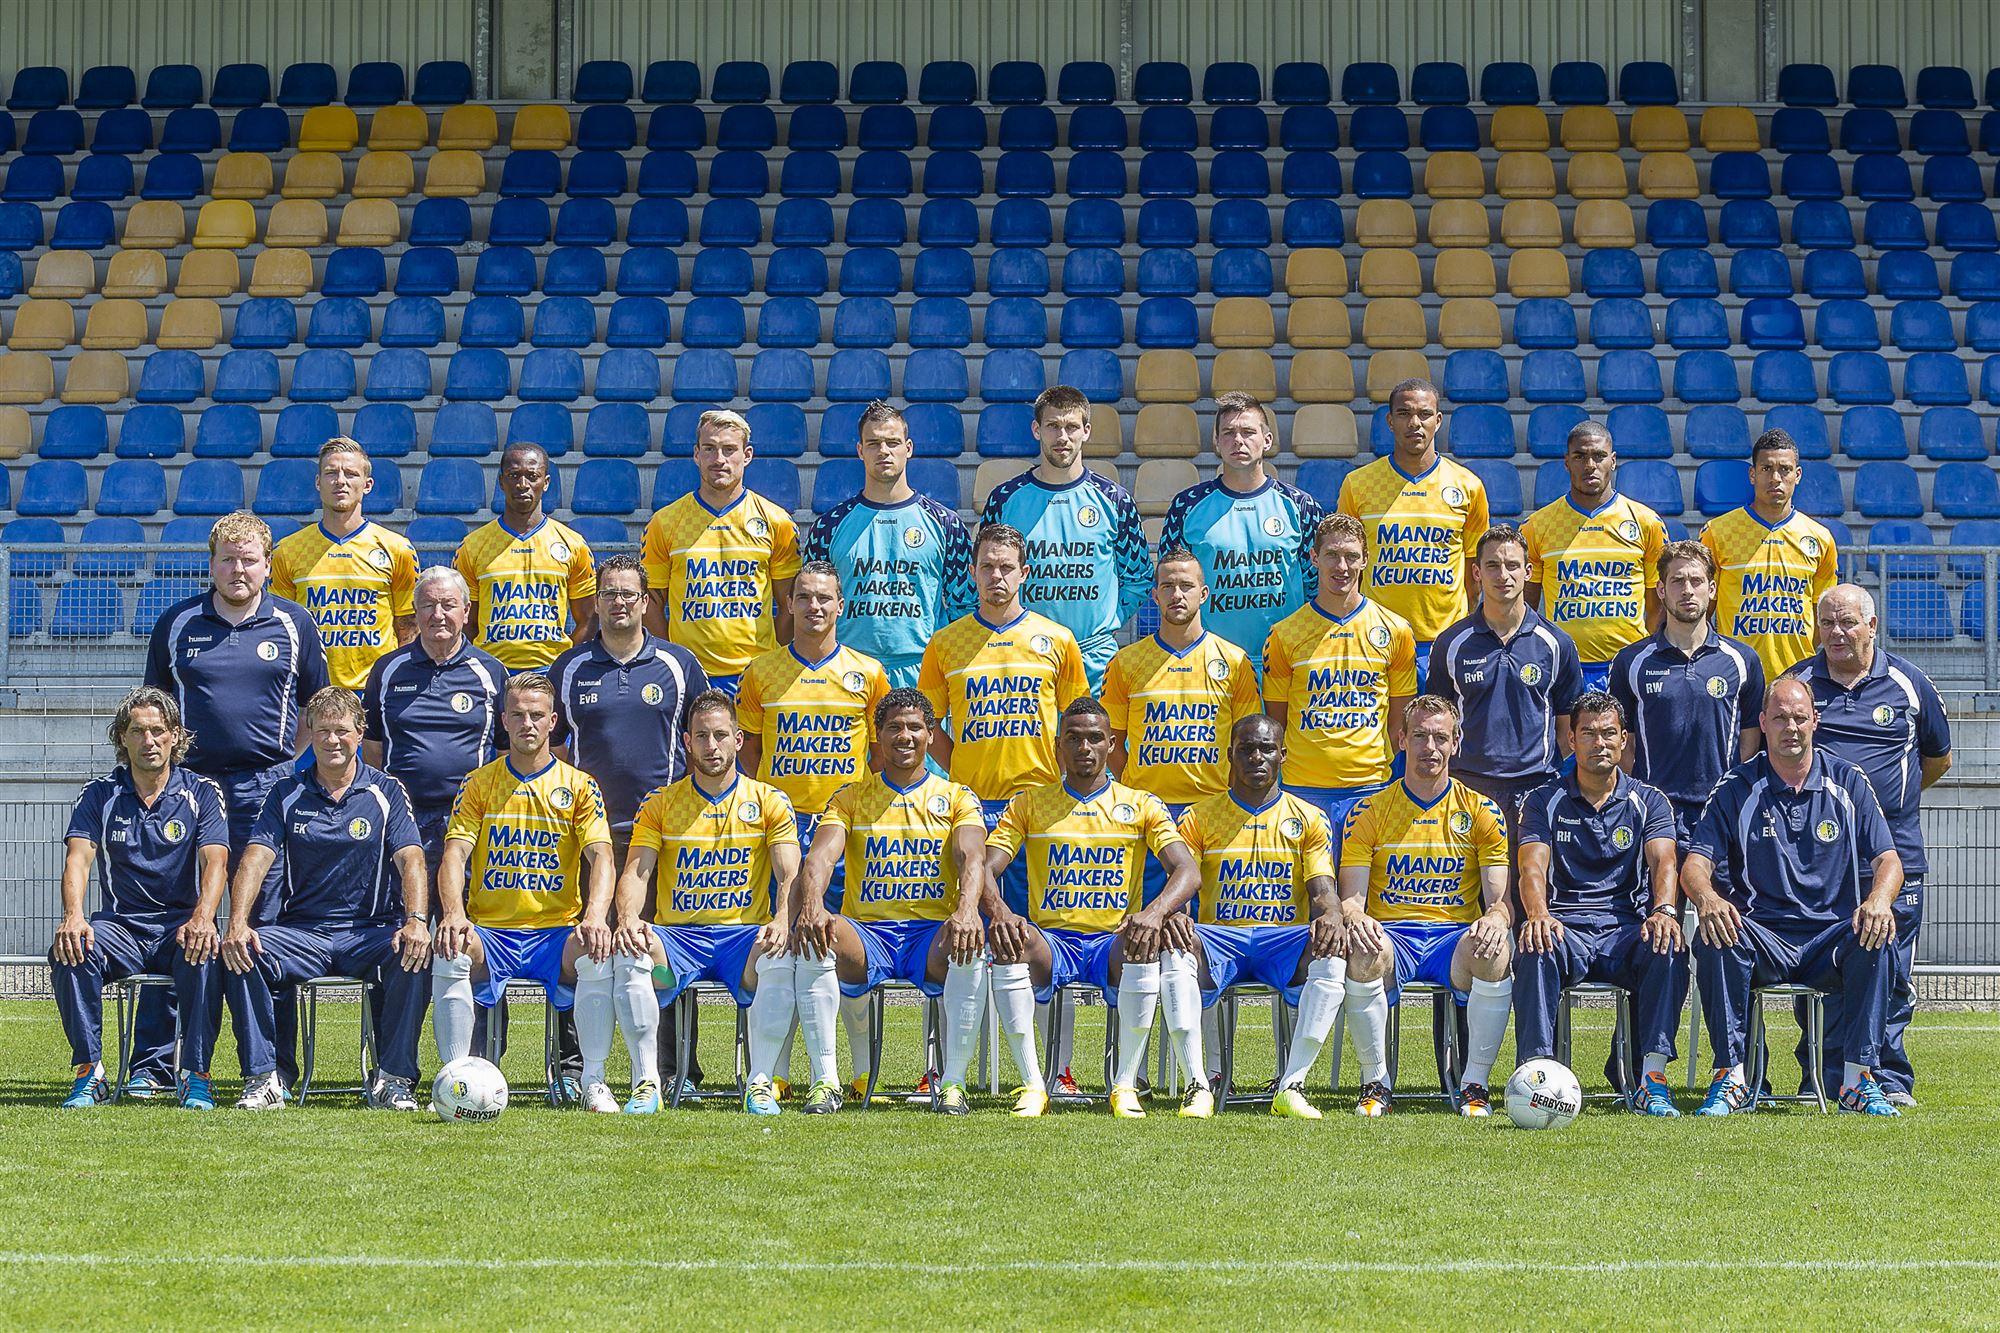 voetballers uit gouda